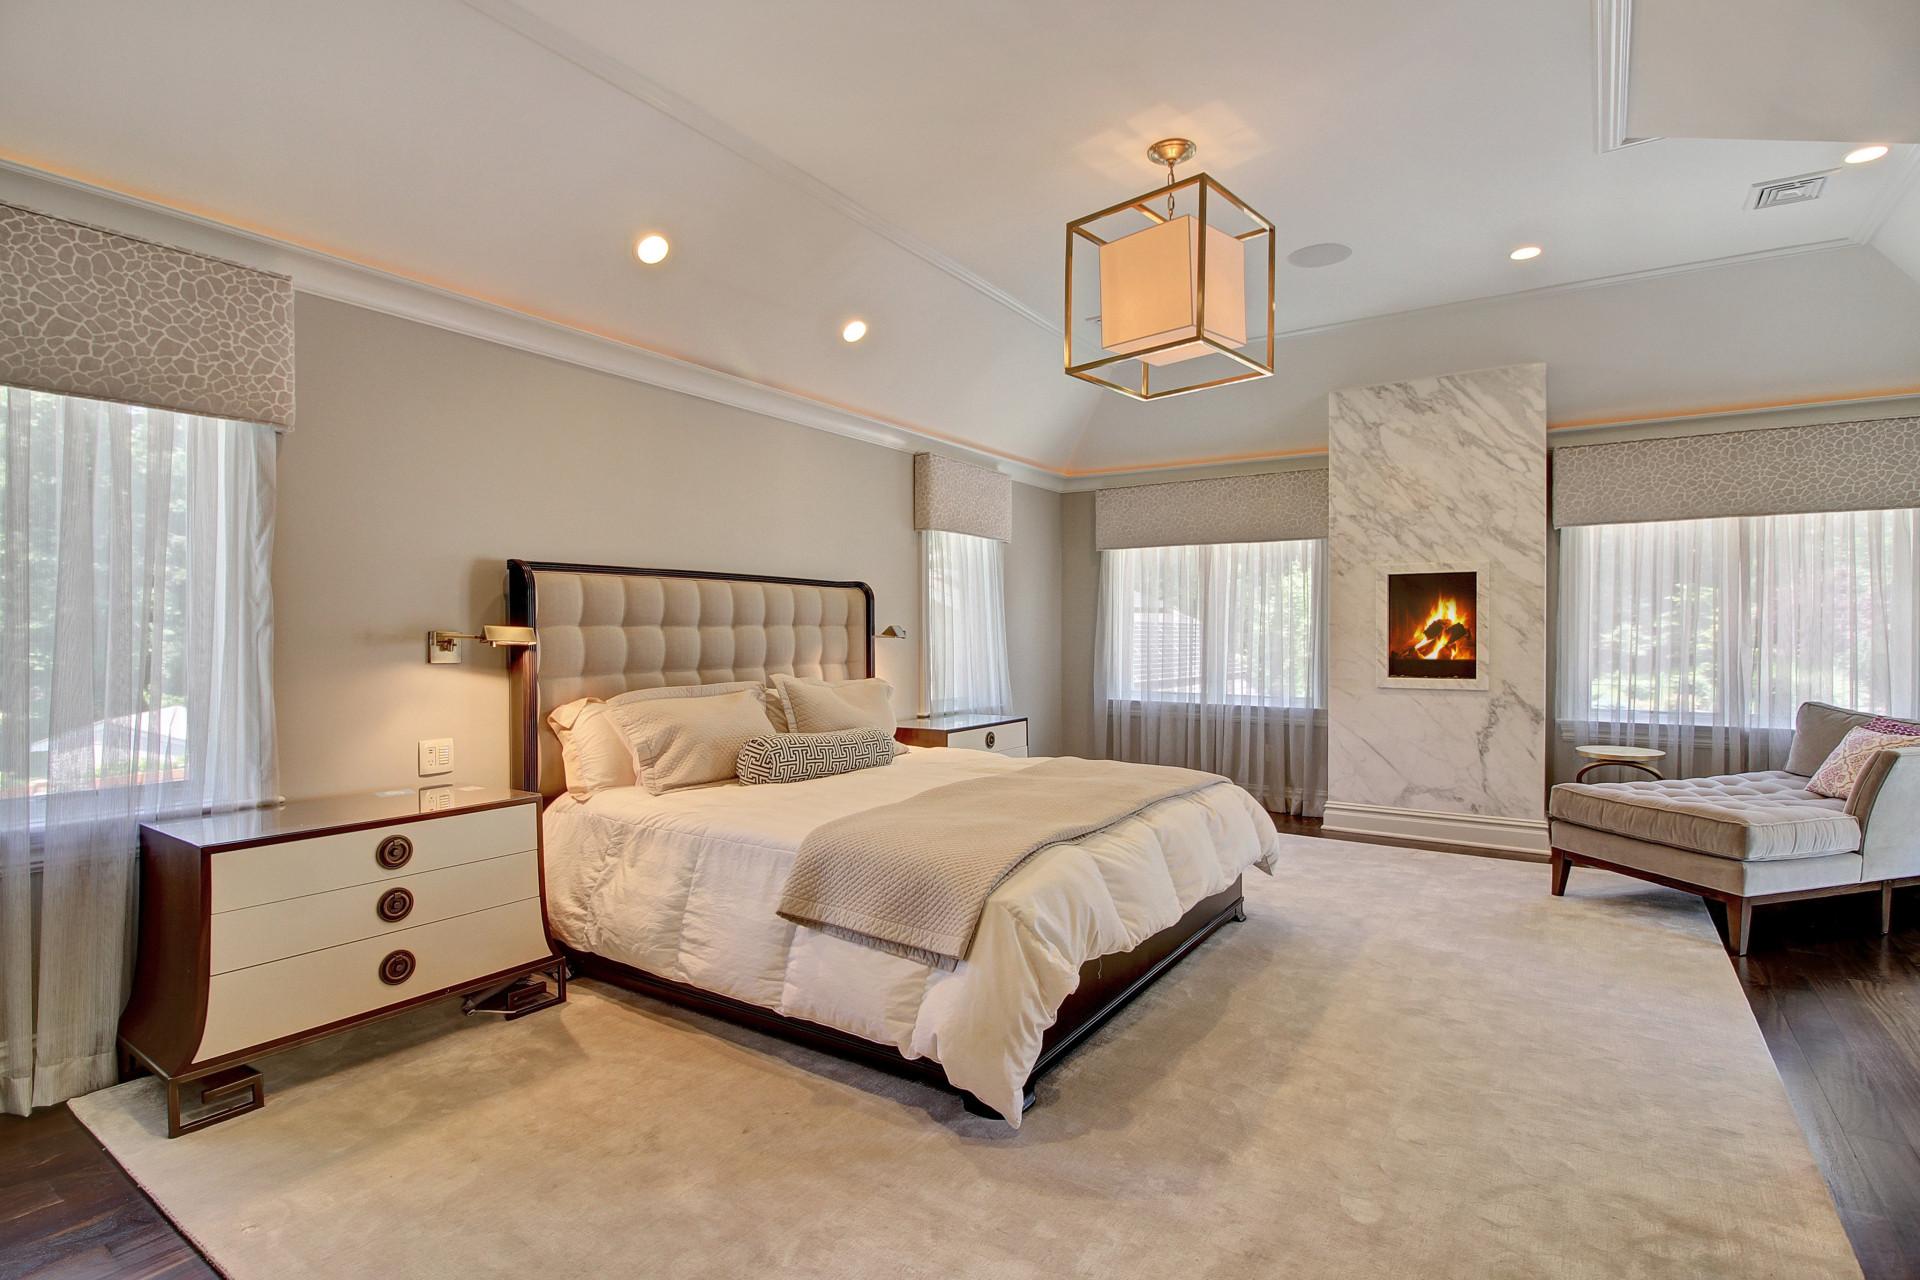 29 Chestnut Street Master Suite